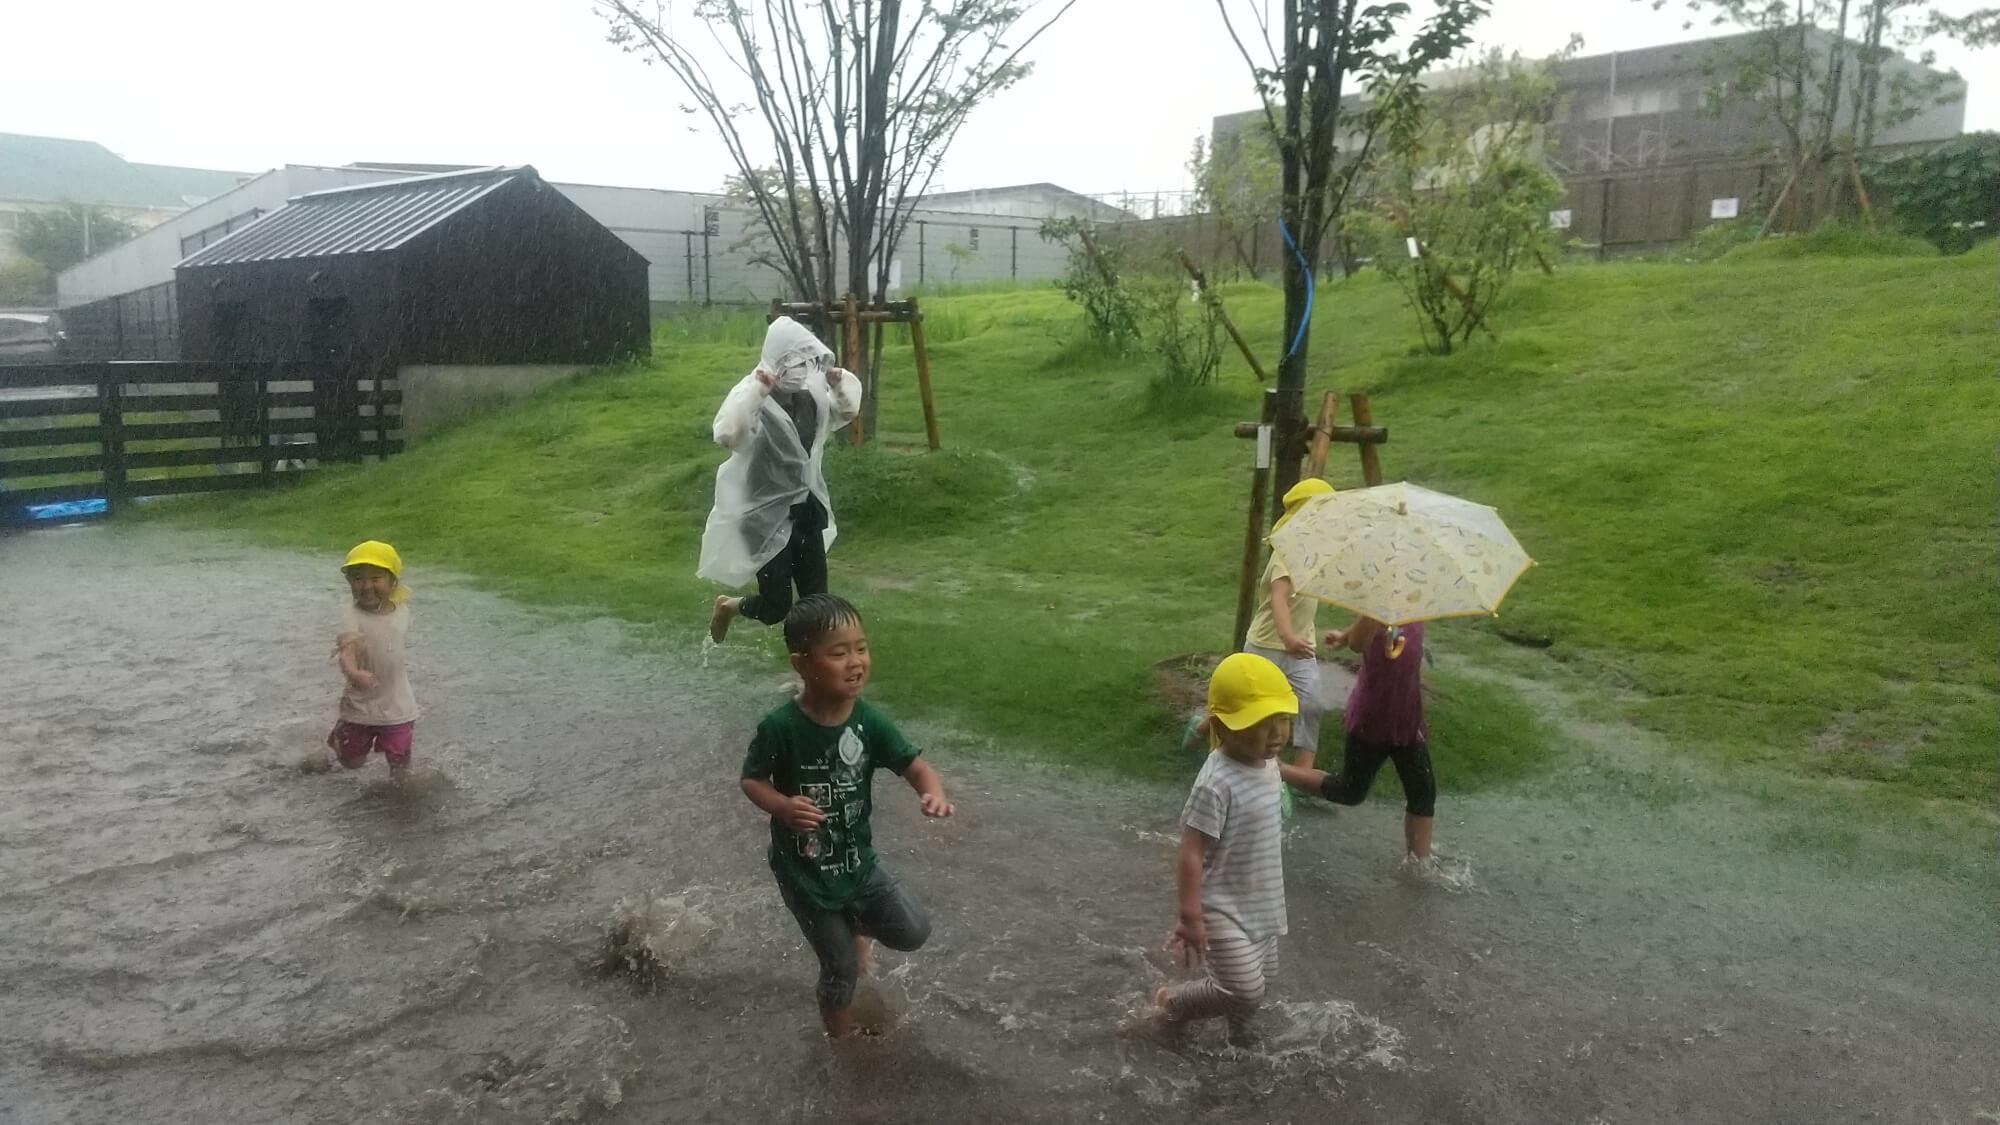 雨の中でかけっこする子どもたち